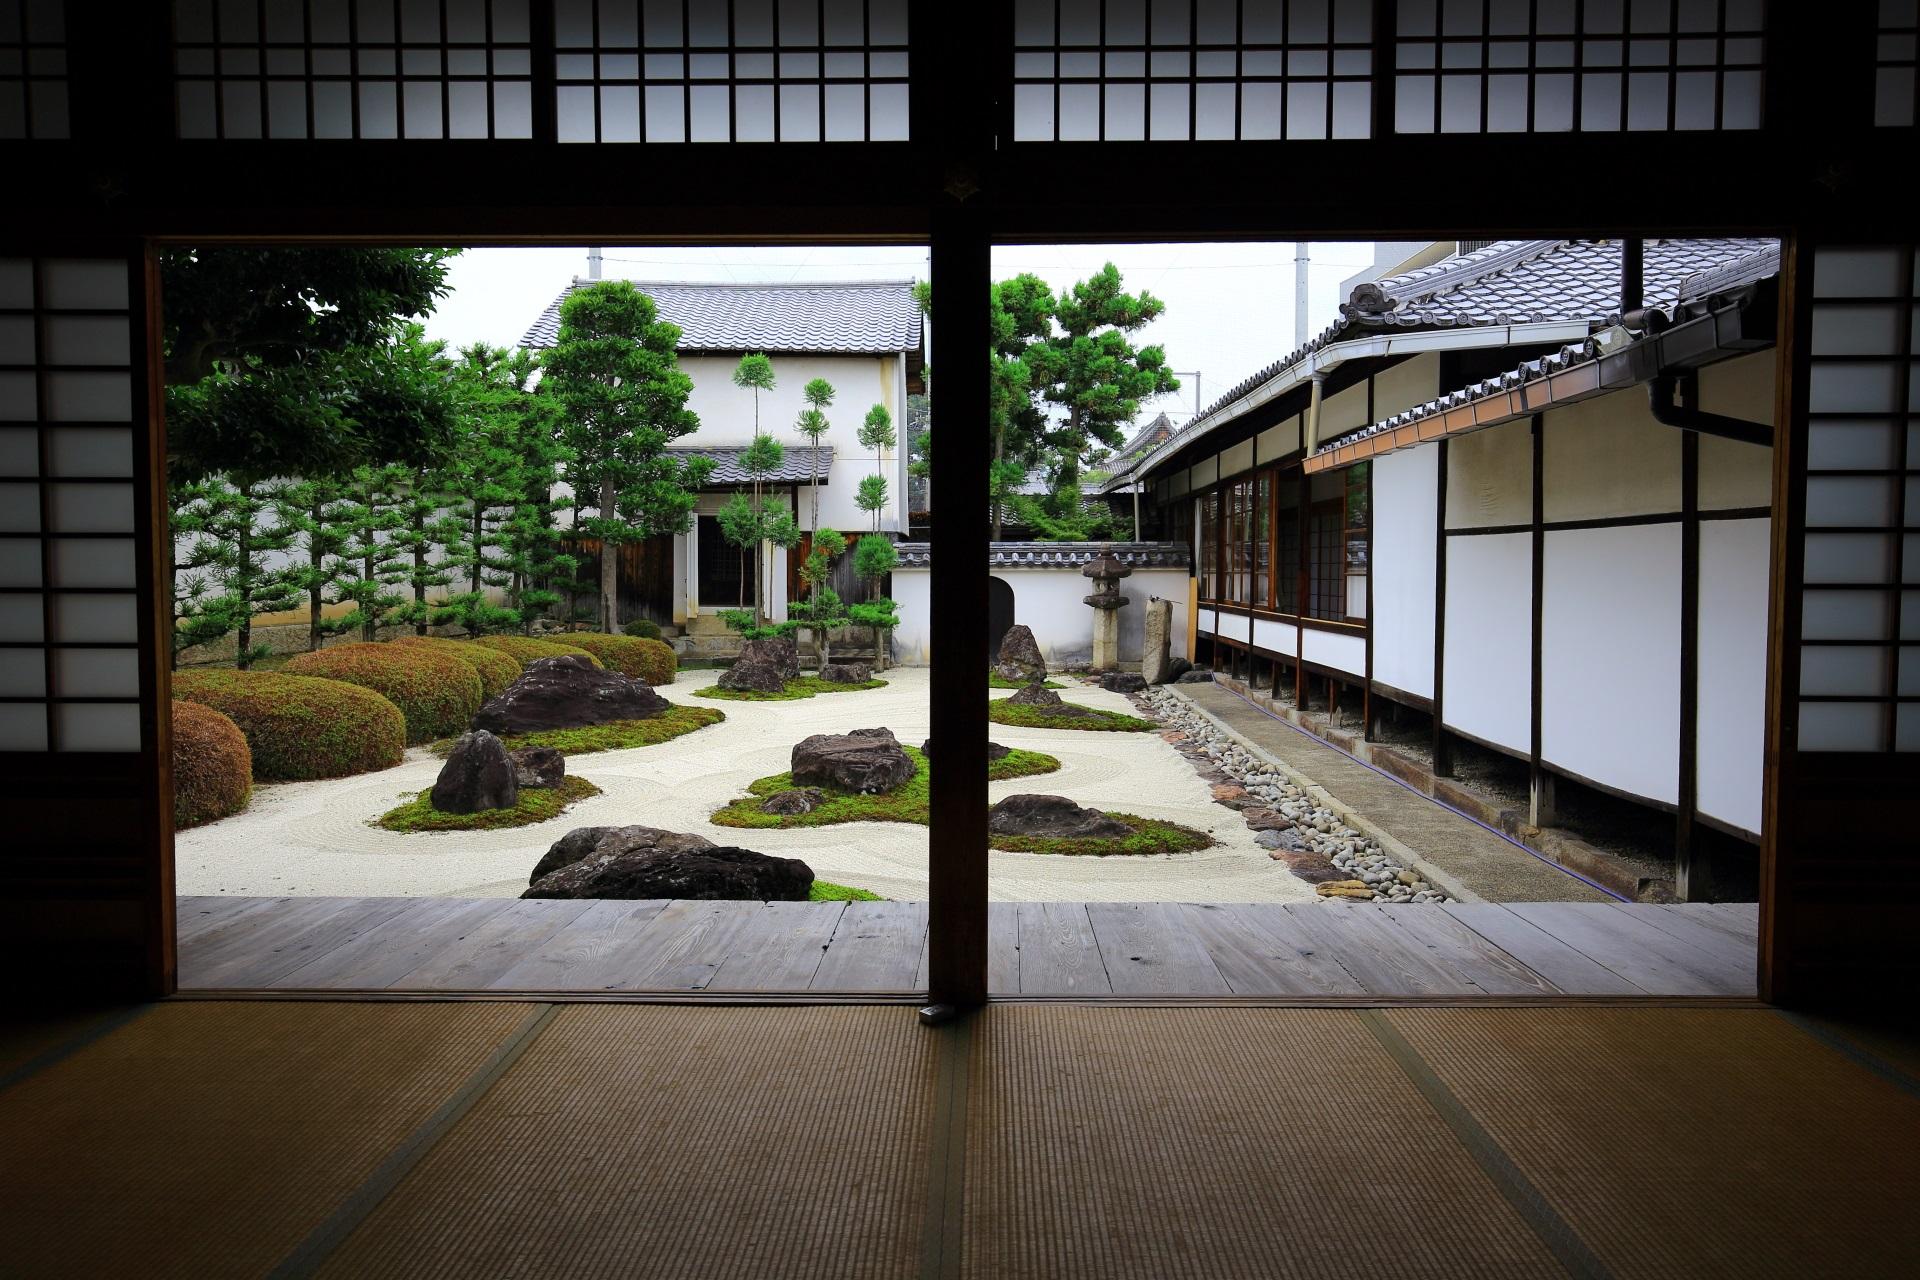 妙蓮寺の表書院から眺めた十六羅漢石庭